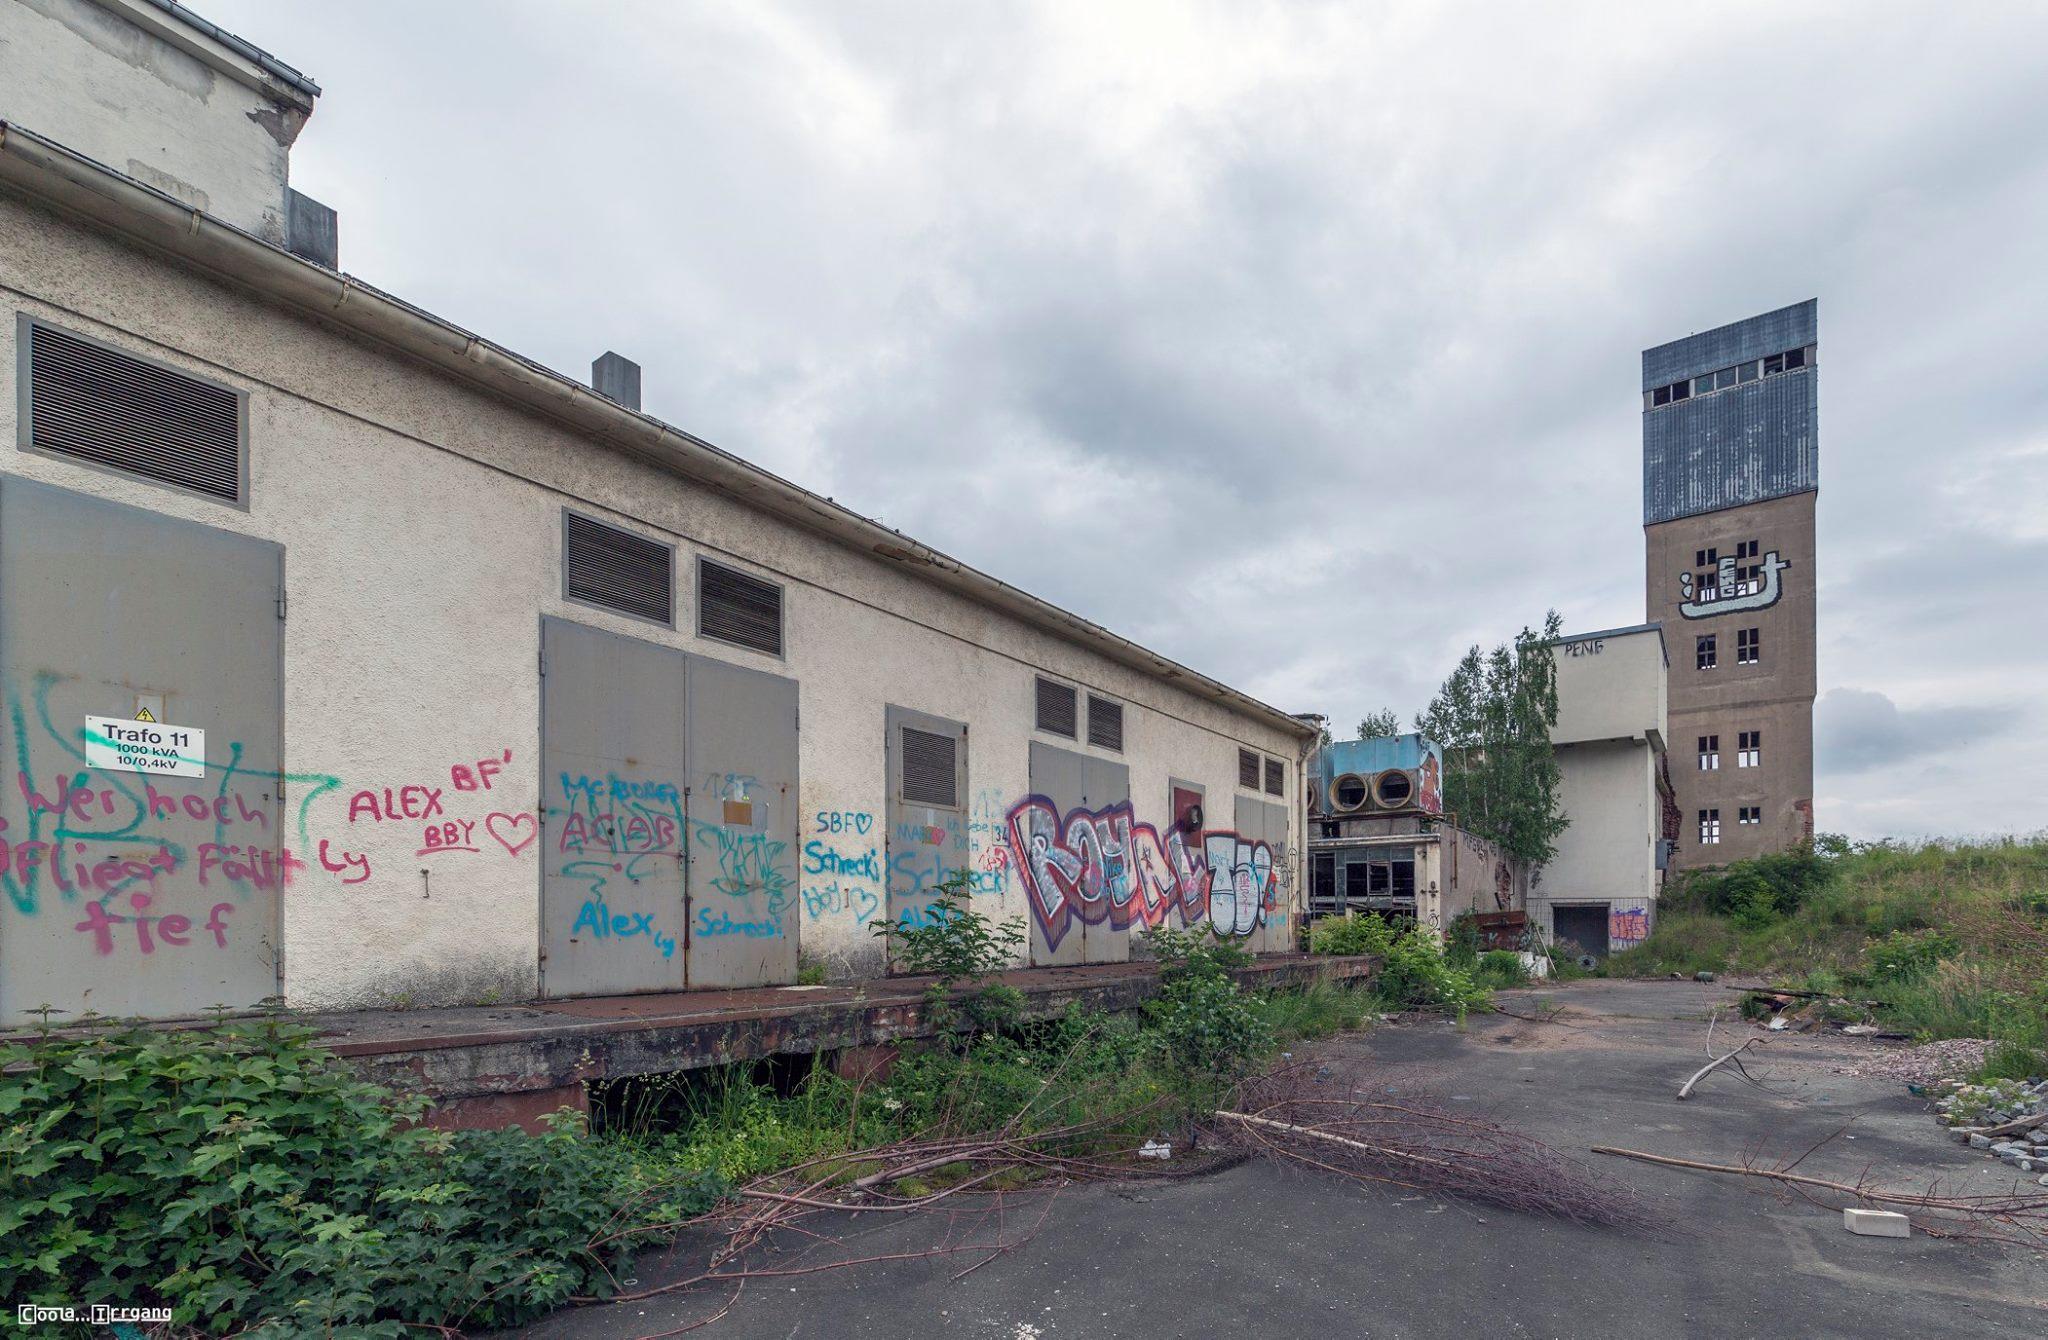 Schlachthof Erfurt